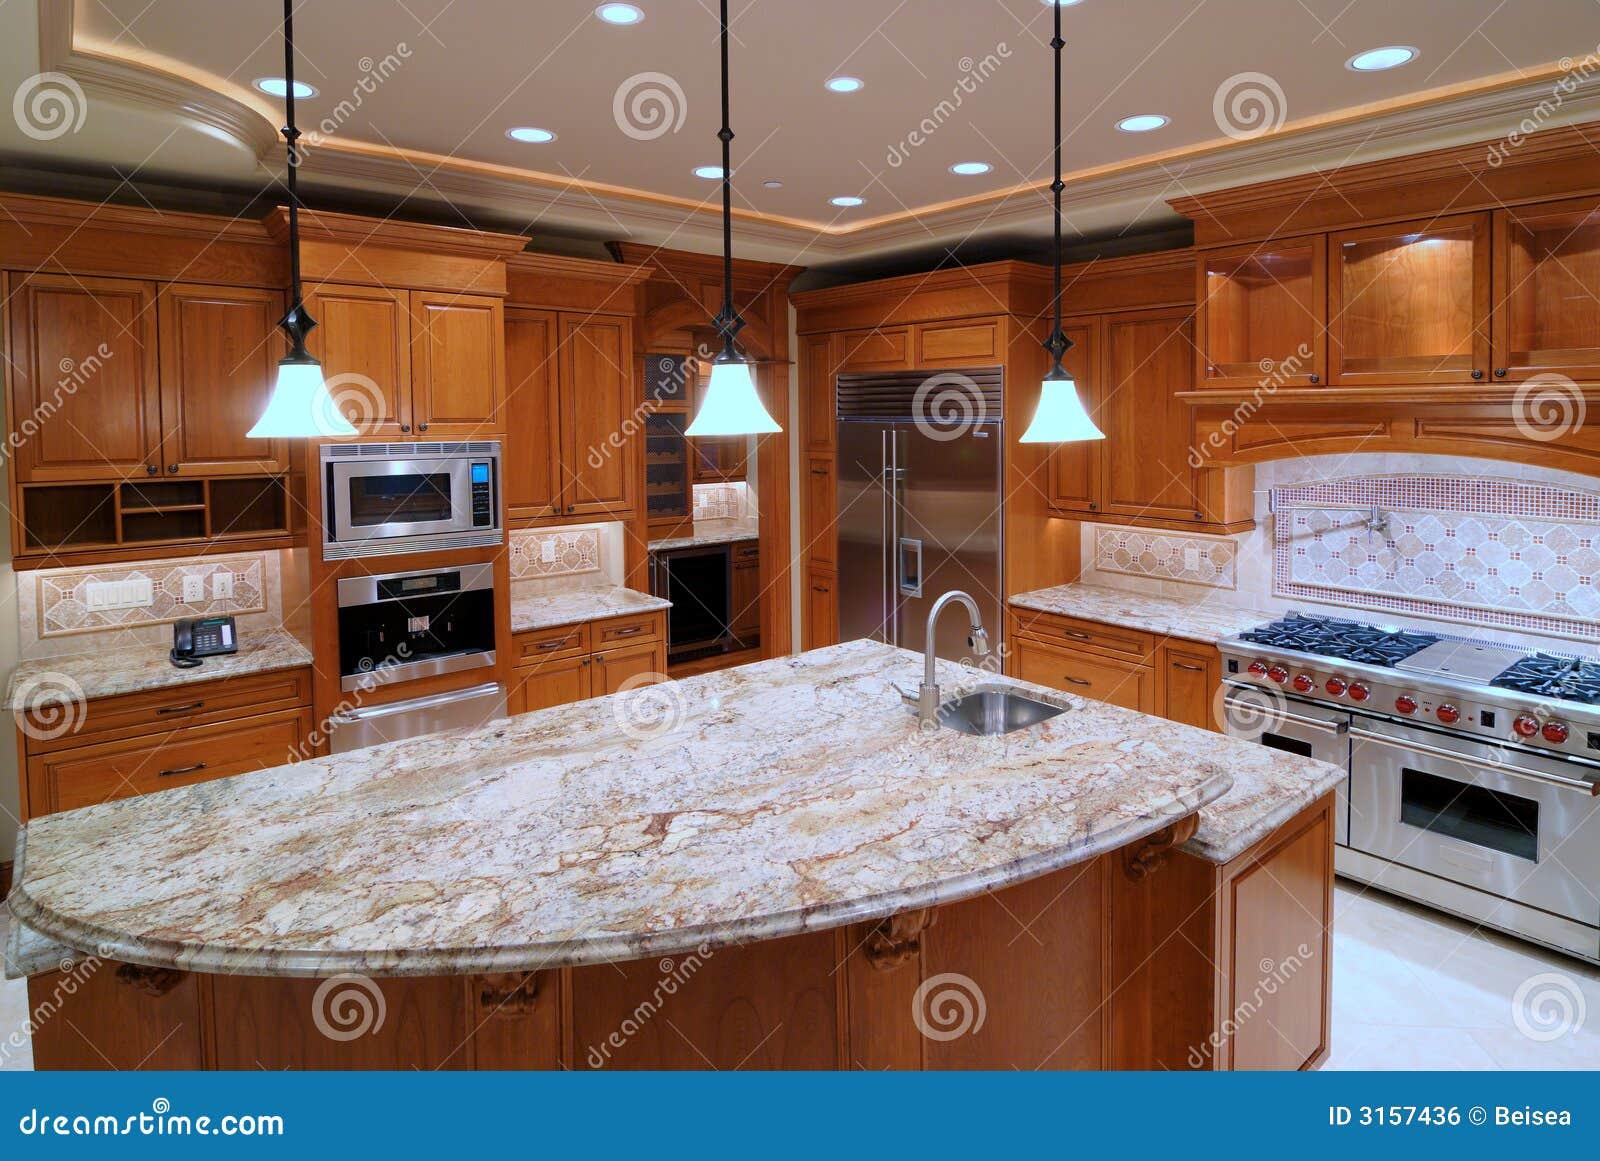 Cozinha Luxuosa Imagem de Stock Royalty Free Imagem: 3157436 #783A1A 1300 960